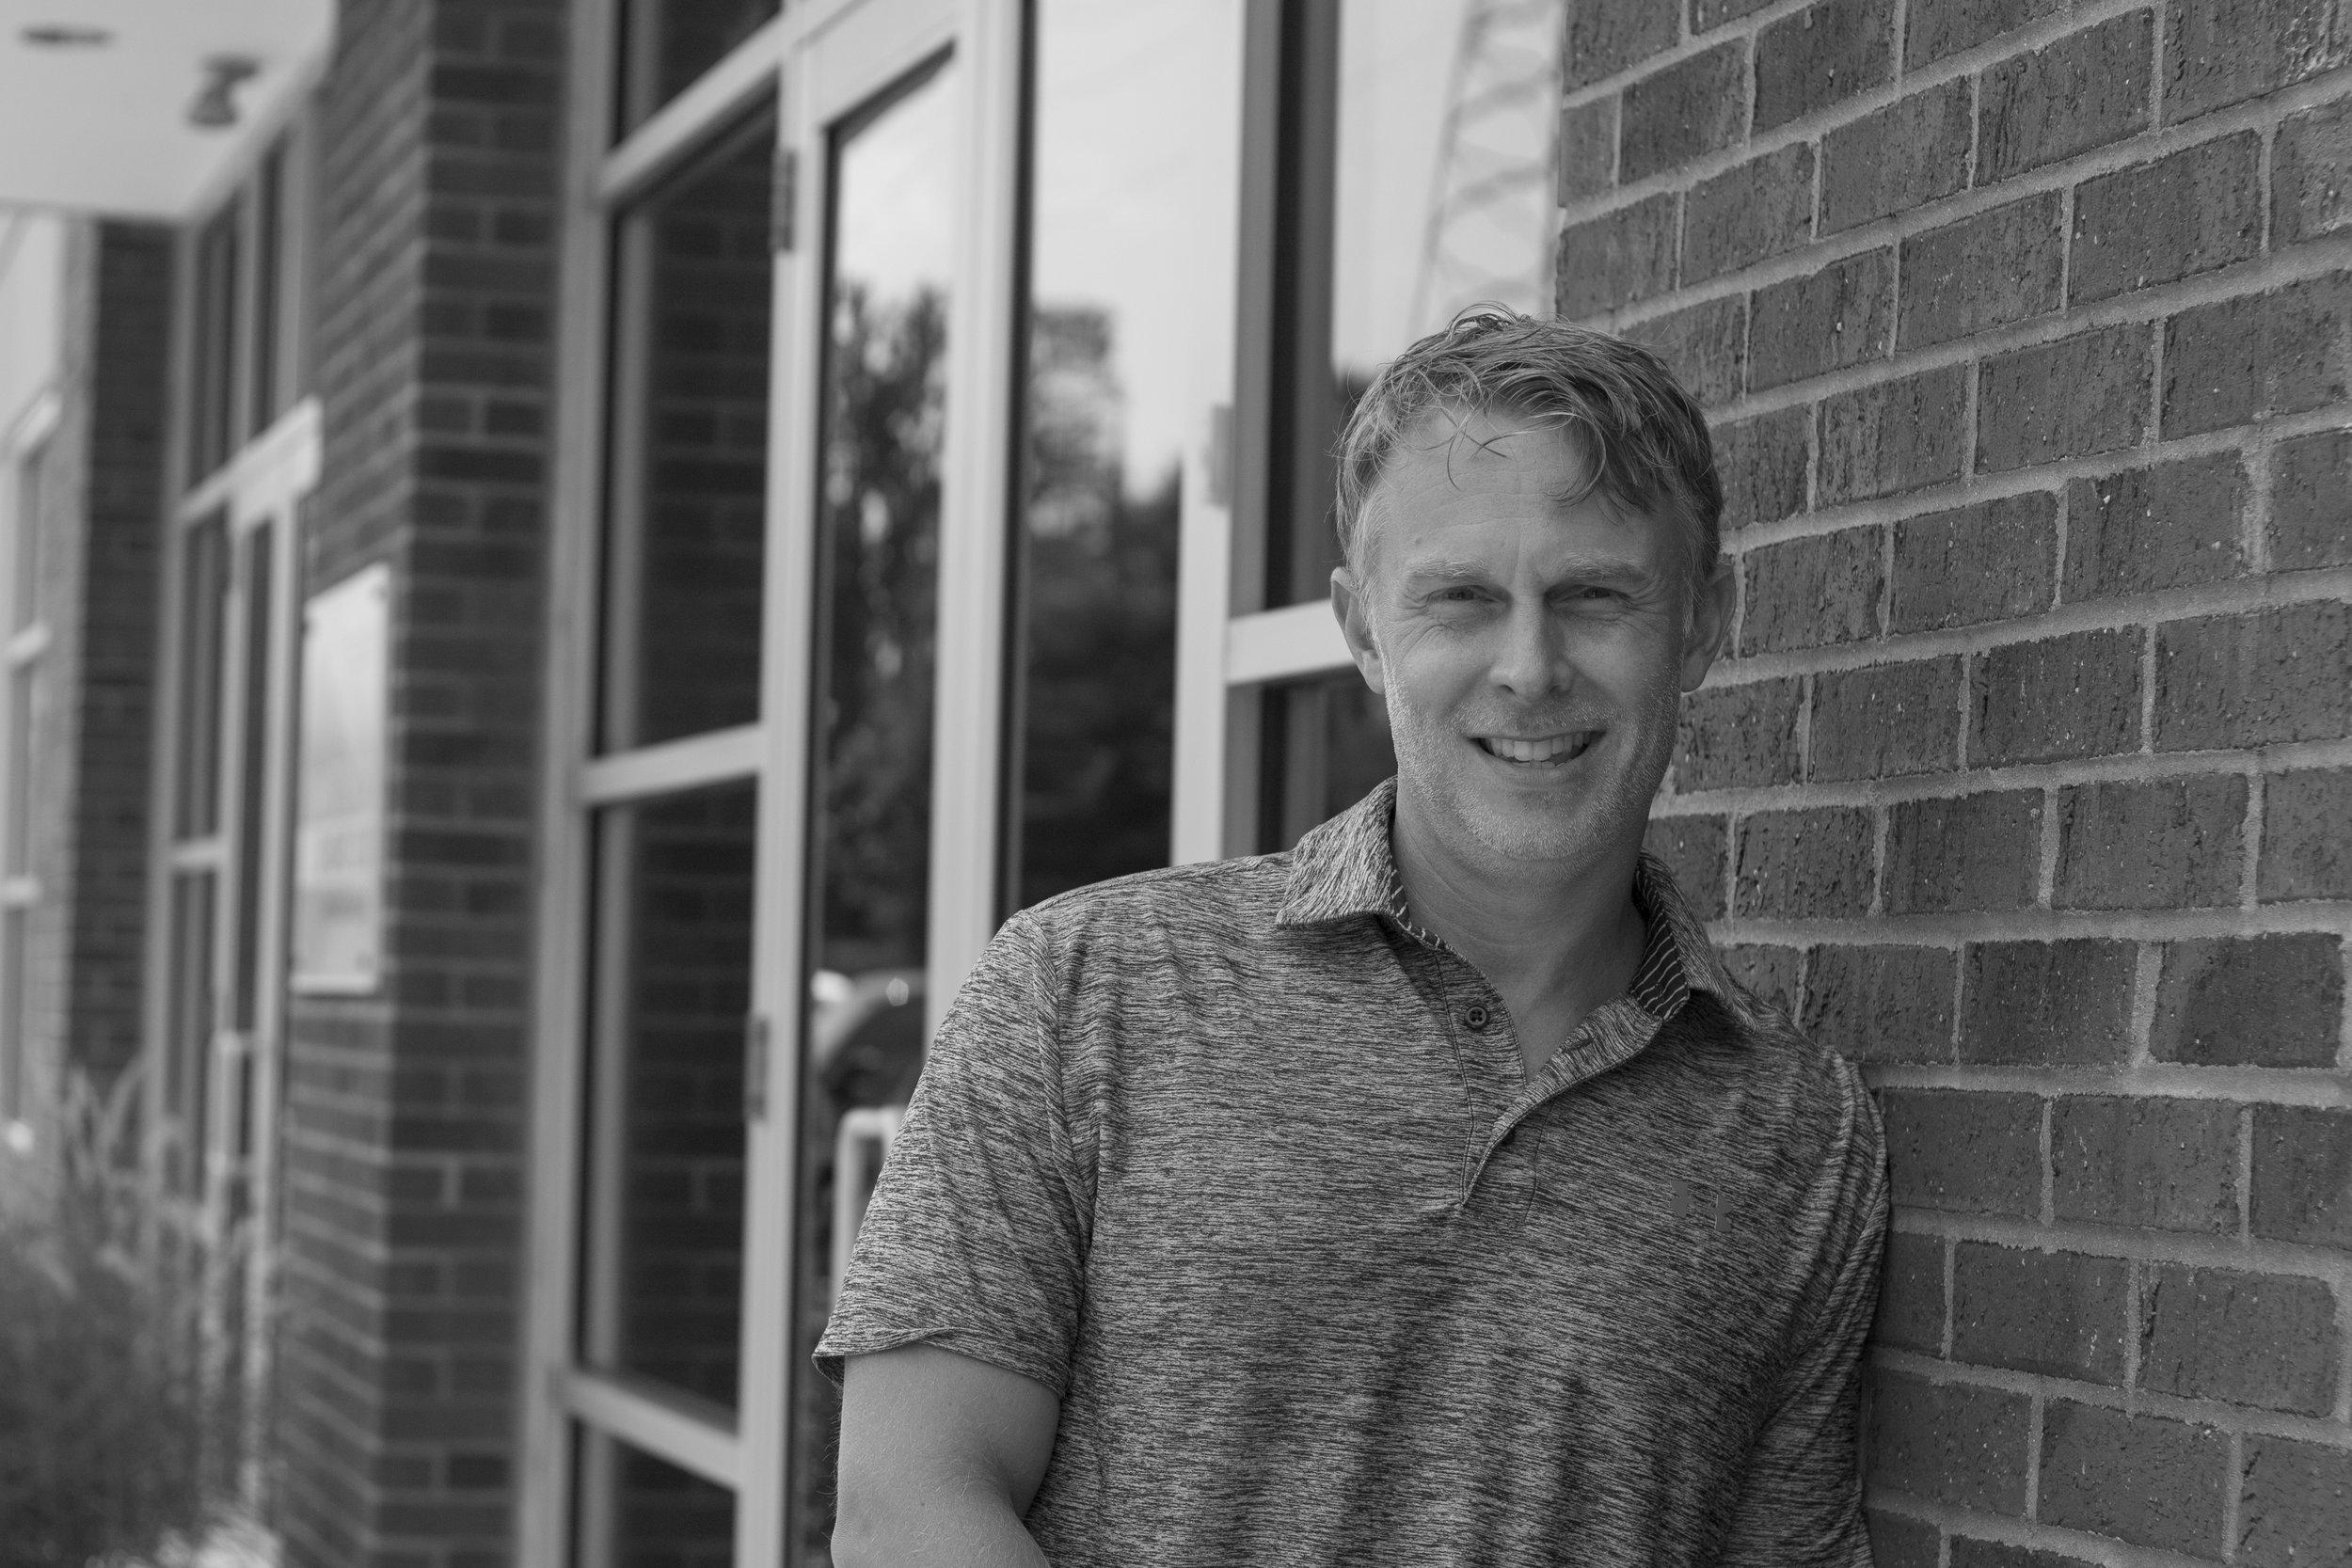 Josh Keels - Duncan/Lyman/Wellford Pastor / Elder | Contact